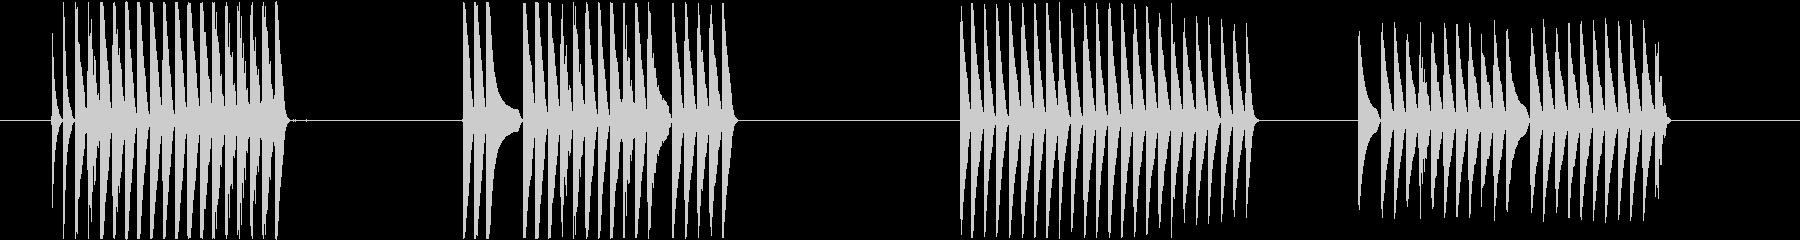 トーンラピッドランダムバーストの未再生の波形